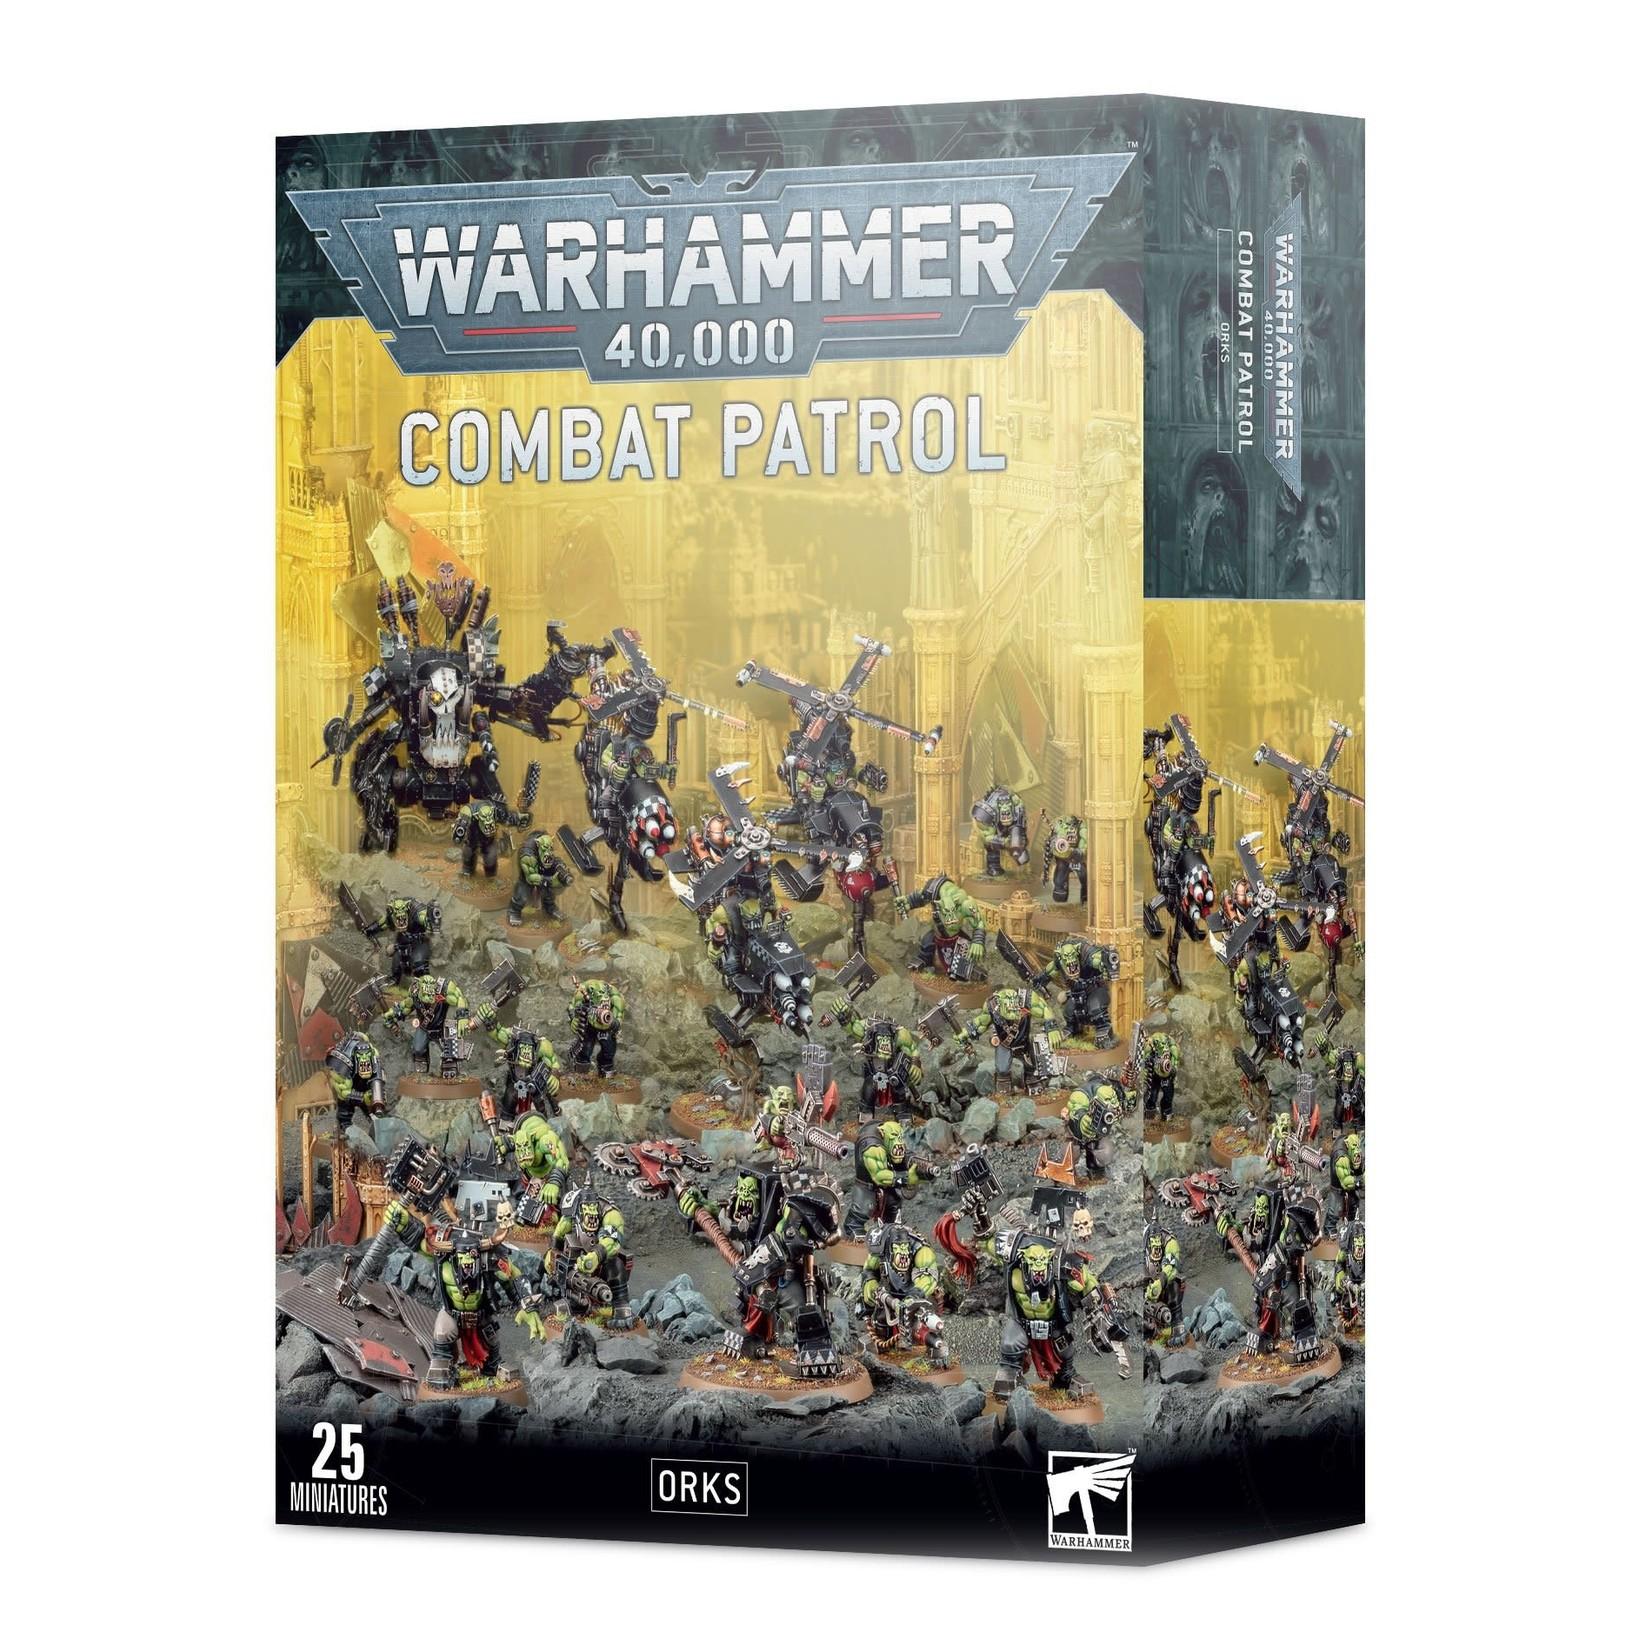 Games Workshop Warhammer 40k: Combat Patrol - Orks